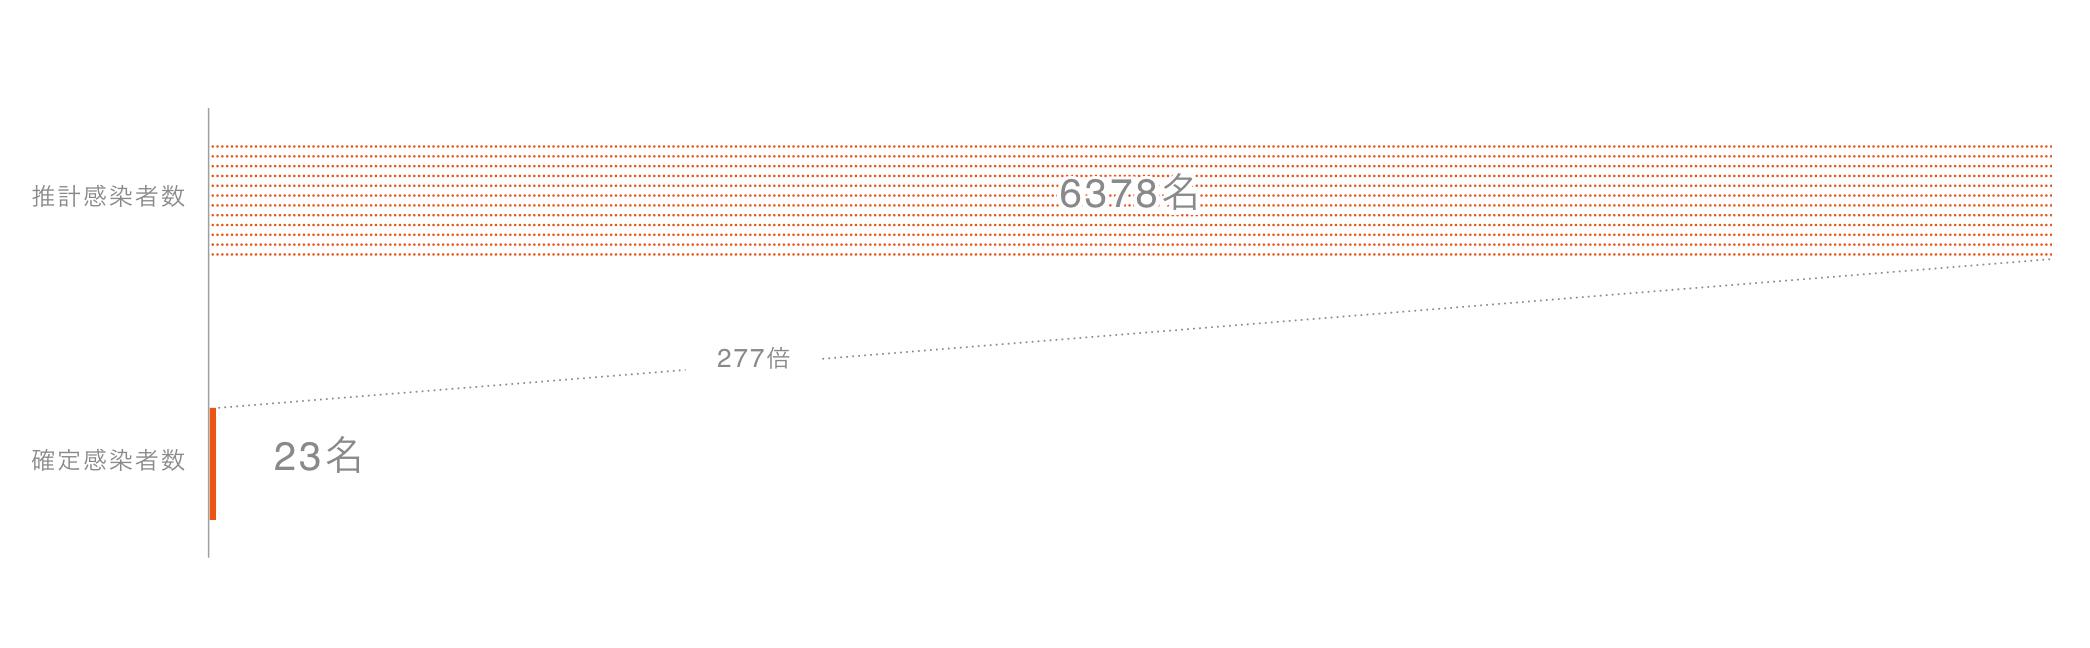 第1波の後の市内の感染者数が2074-6378名と推定、報告人数 の90-277倍